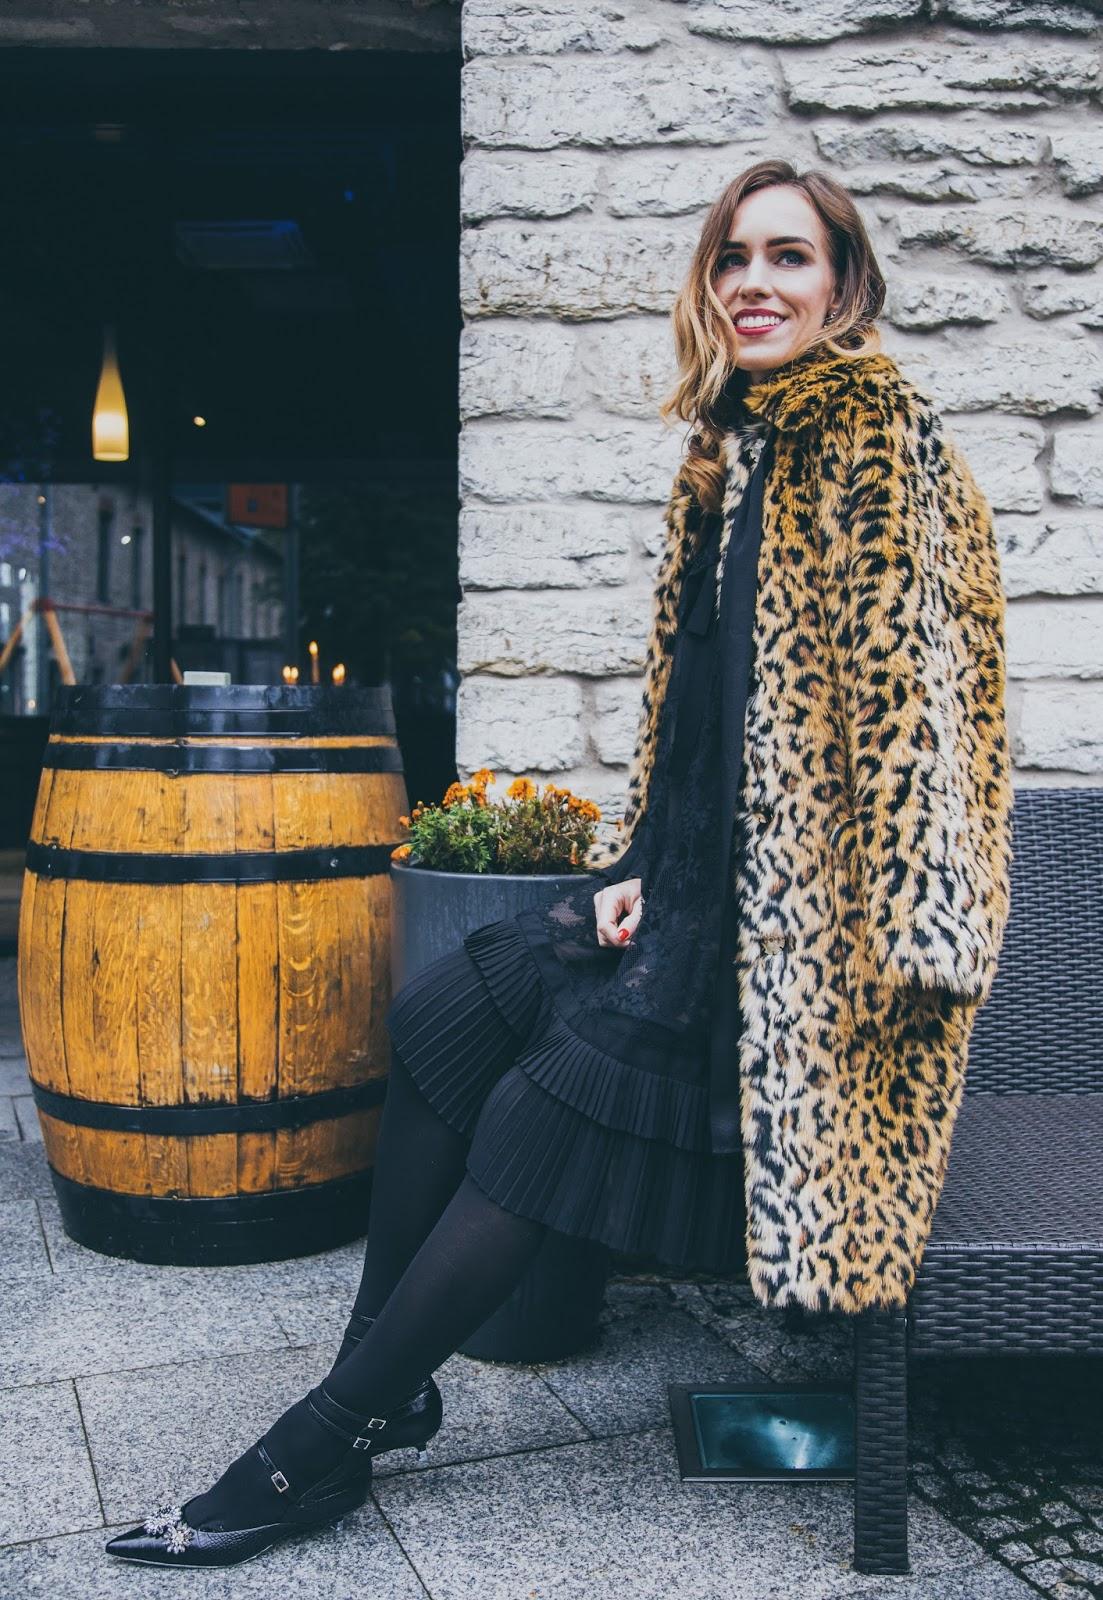 erdem x hm collaboration collection leopard coat outfit